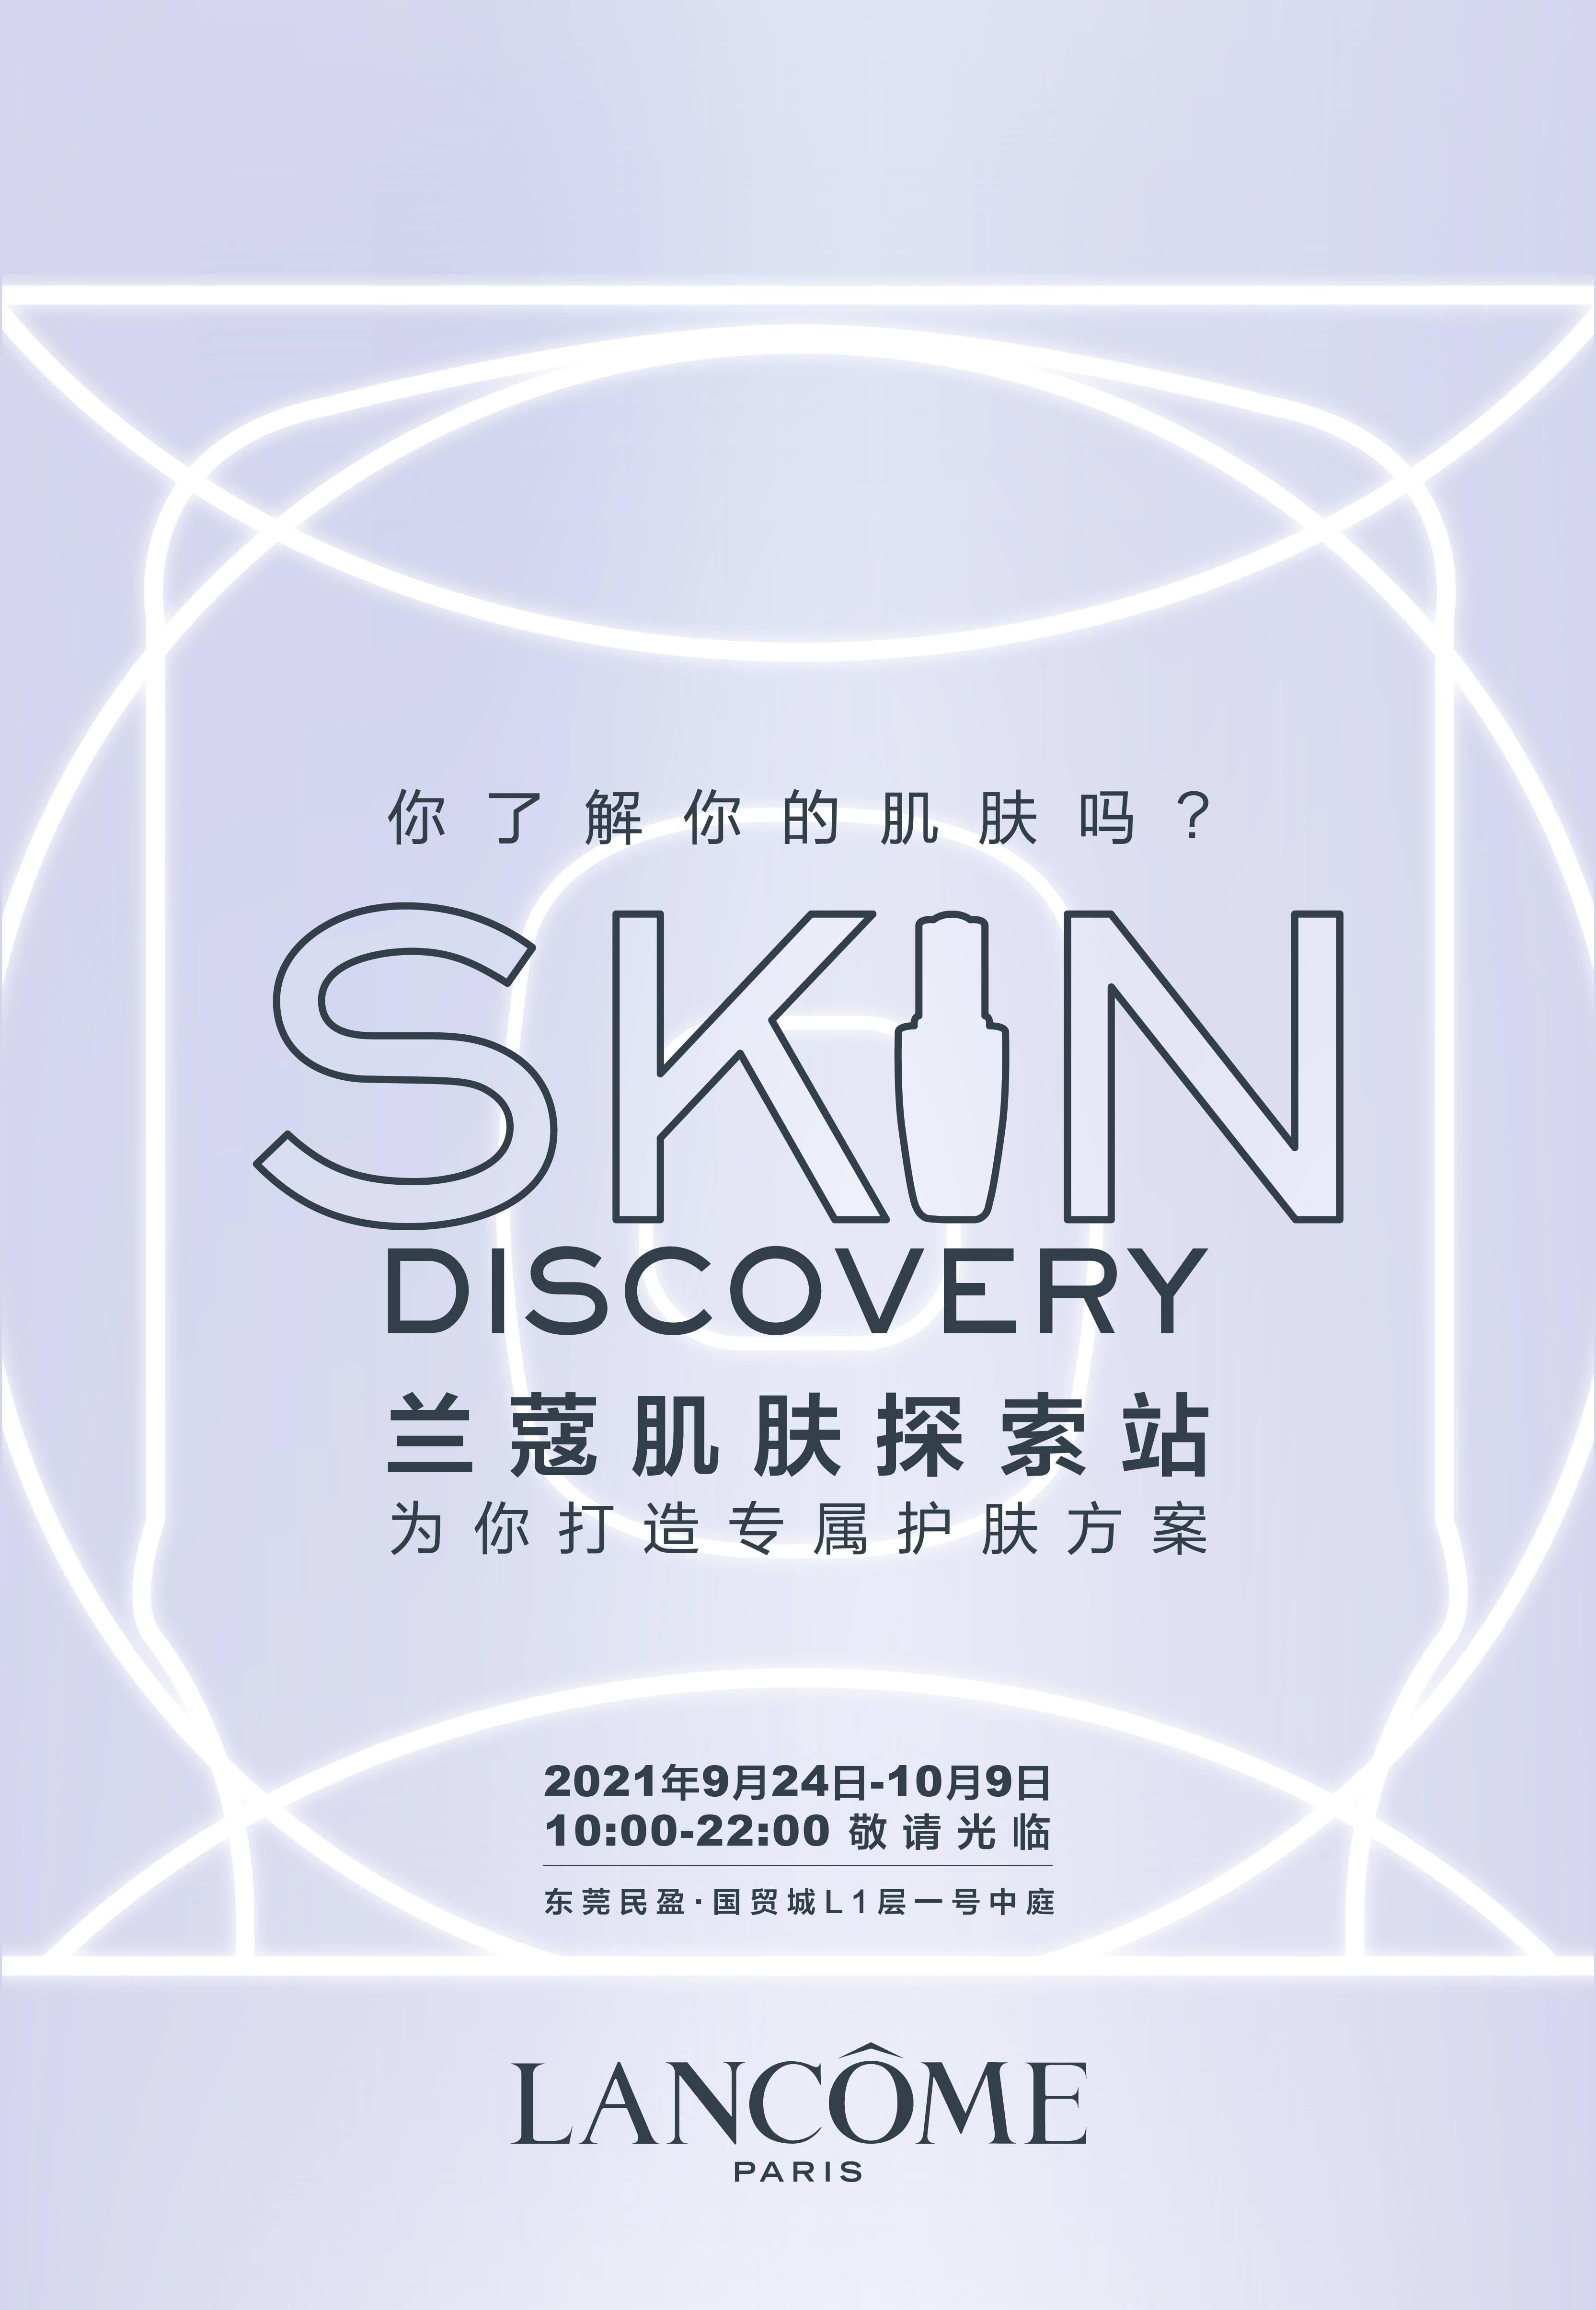 兰蔻肌肤探索站东莞站盛大开幕!开启个性化护肤之旅。